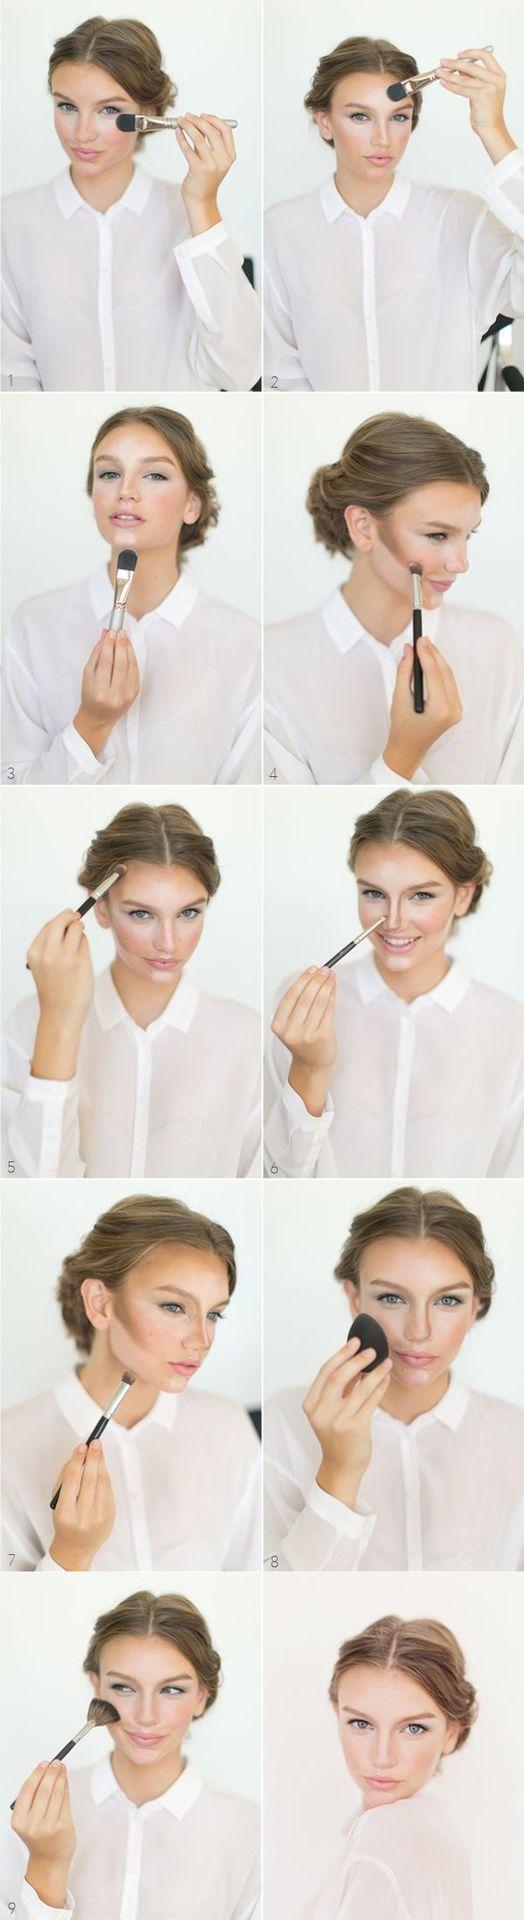 como aplicar el maquillaje contouring